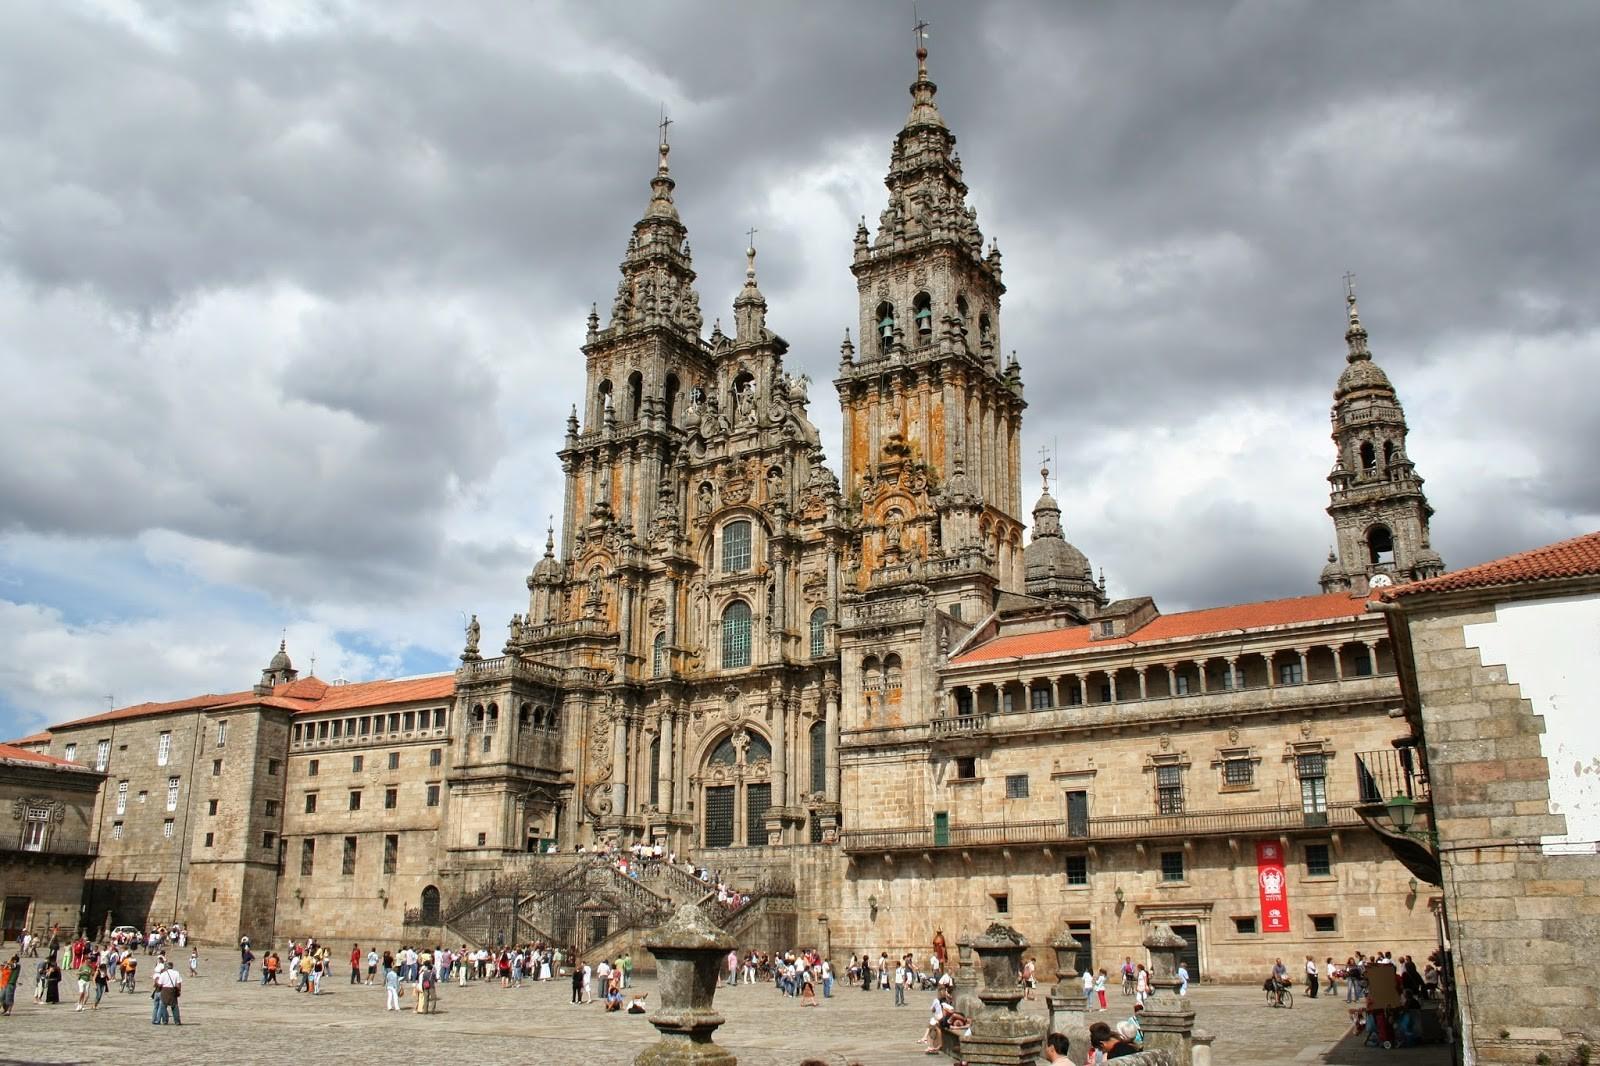 Expérience à Santiago de Compostelle, Espagne par Diego